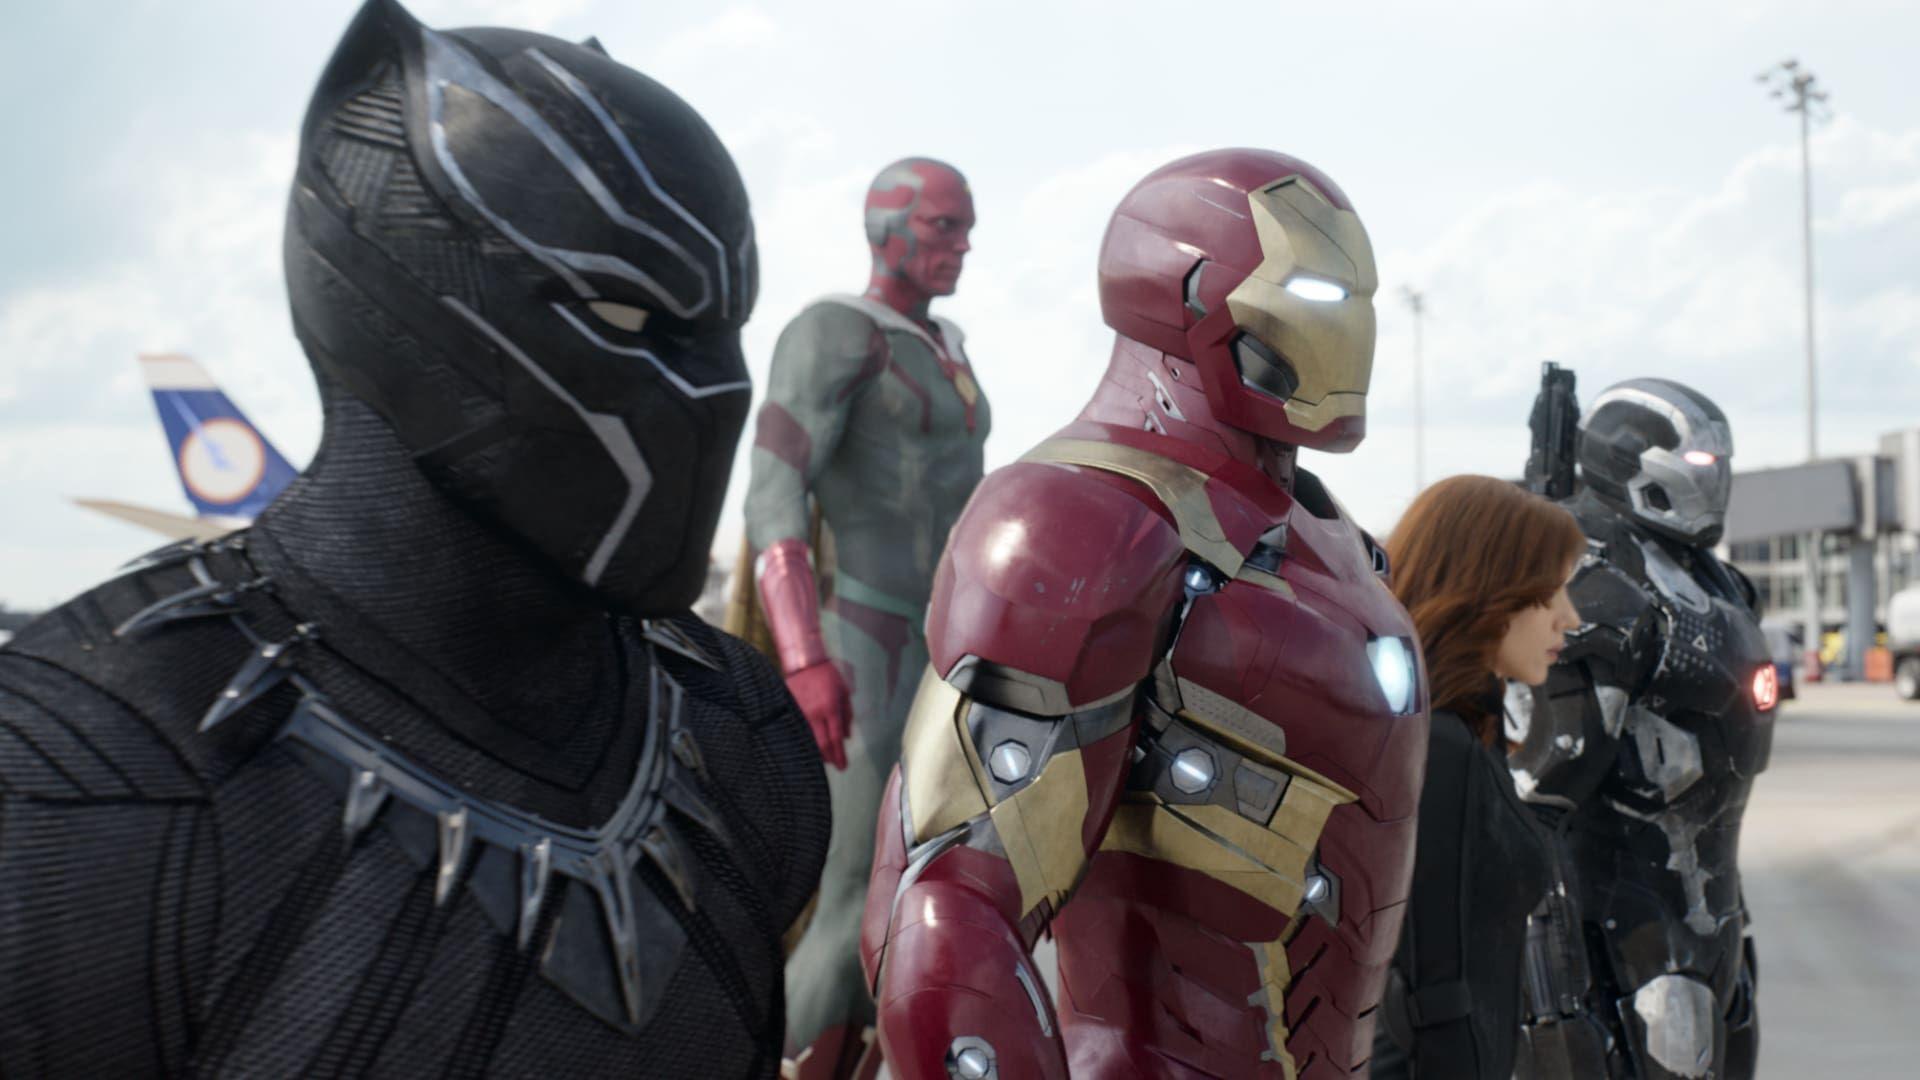 Steve Rogers Leder Det Nya Teamet Med Avengers I Deras Fortsatta Arbete For Att Skydda Manskligheten Men Nar Avengers Ar Steve Rogers Captain America Avengers